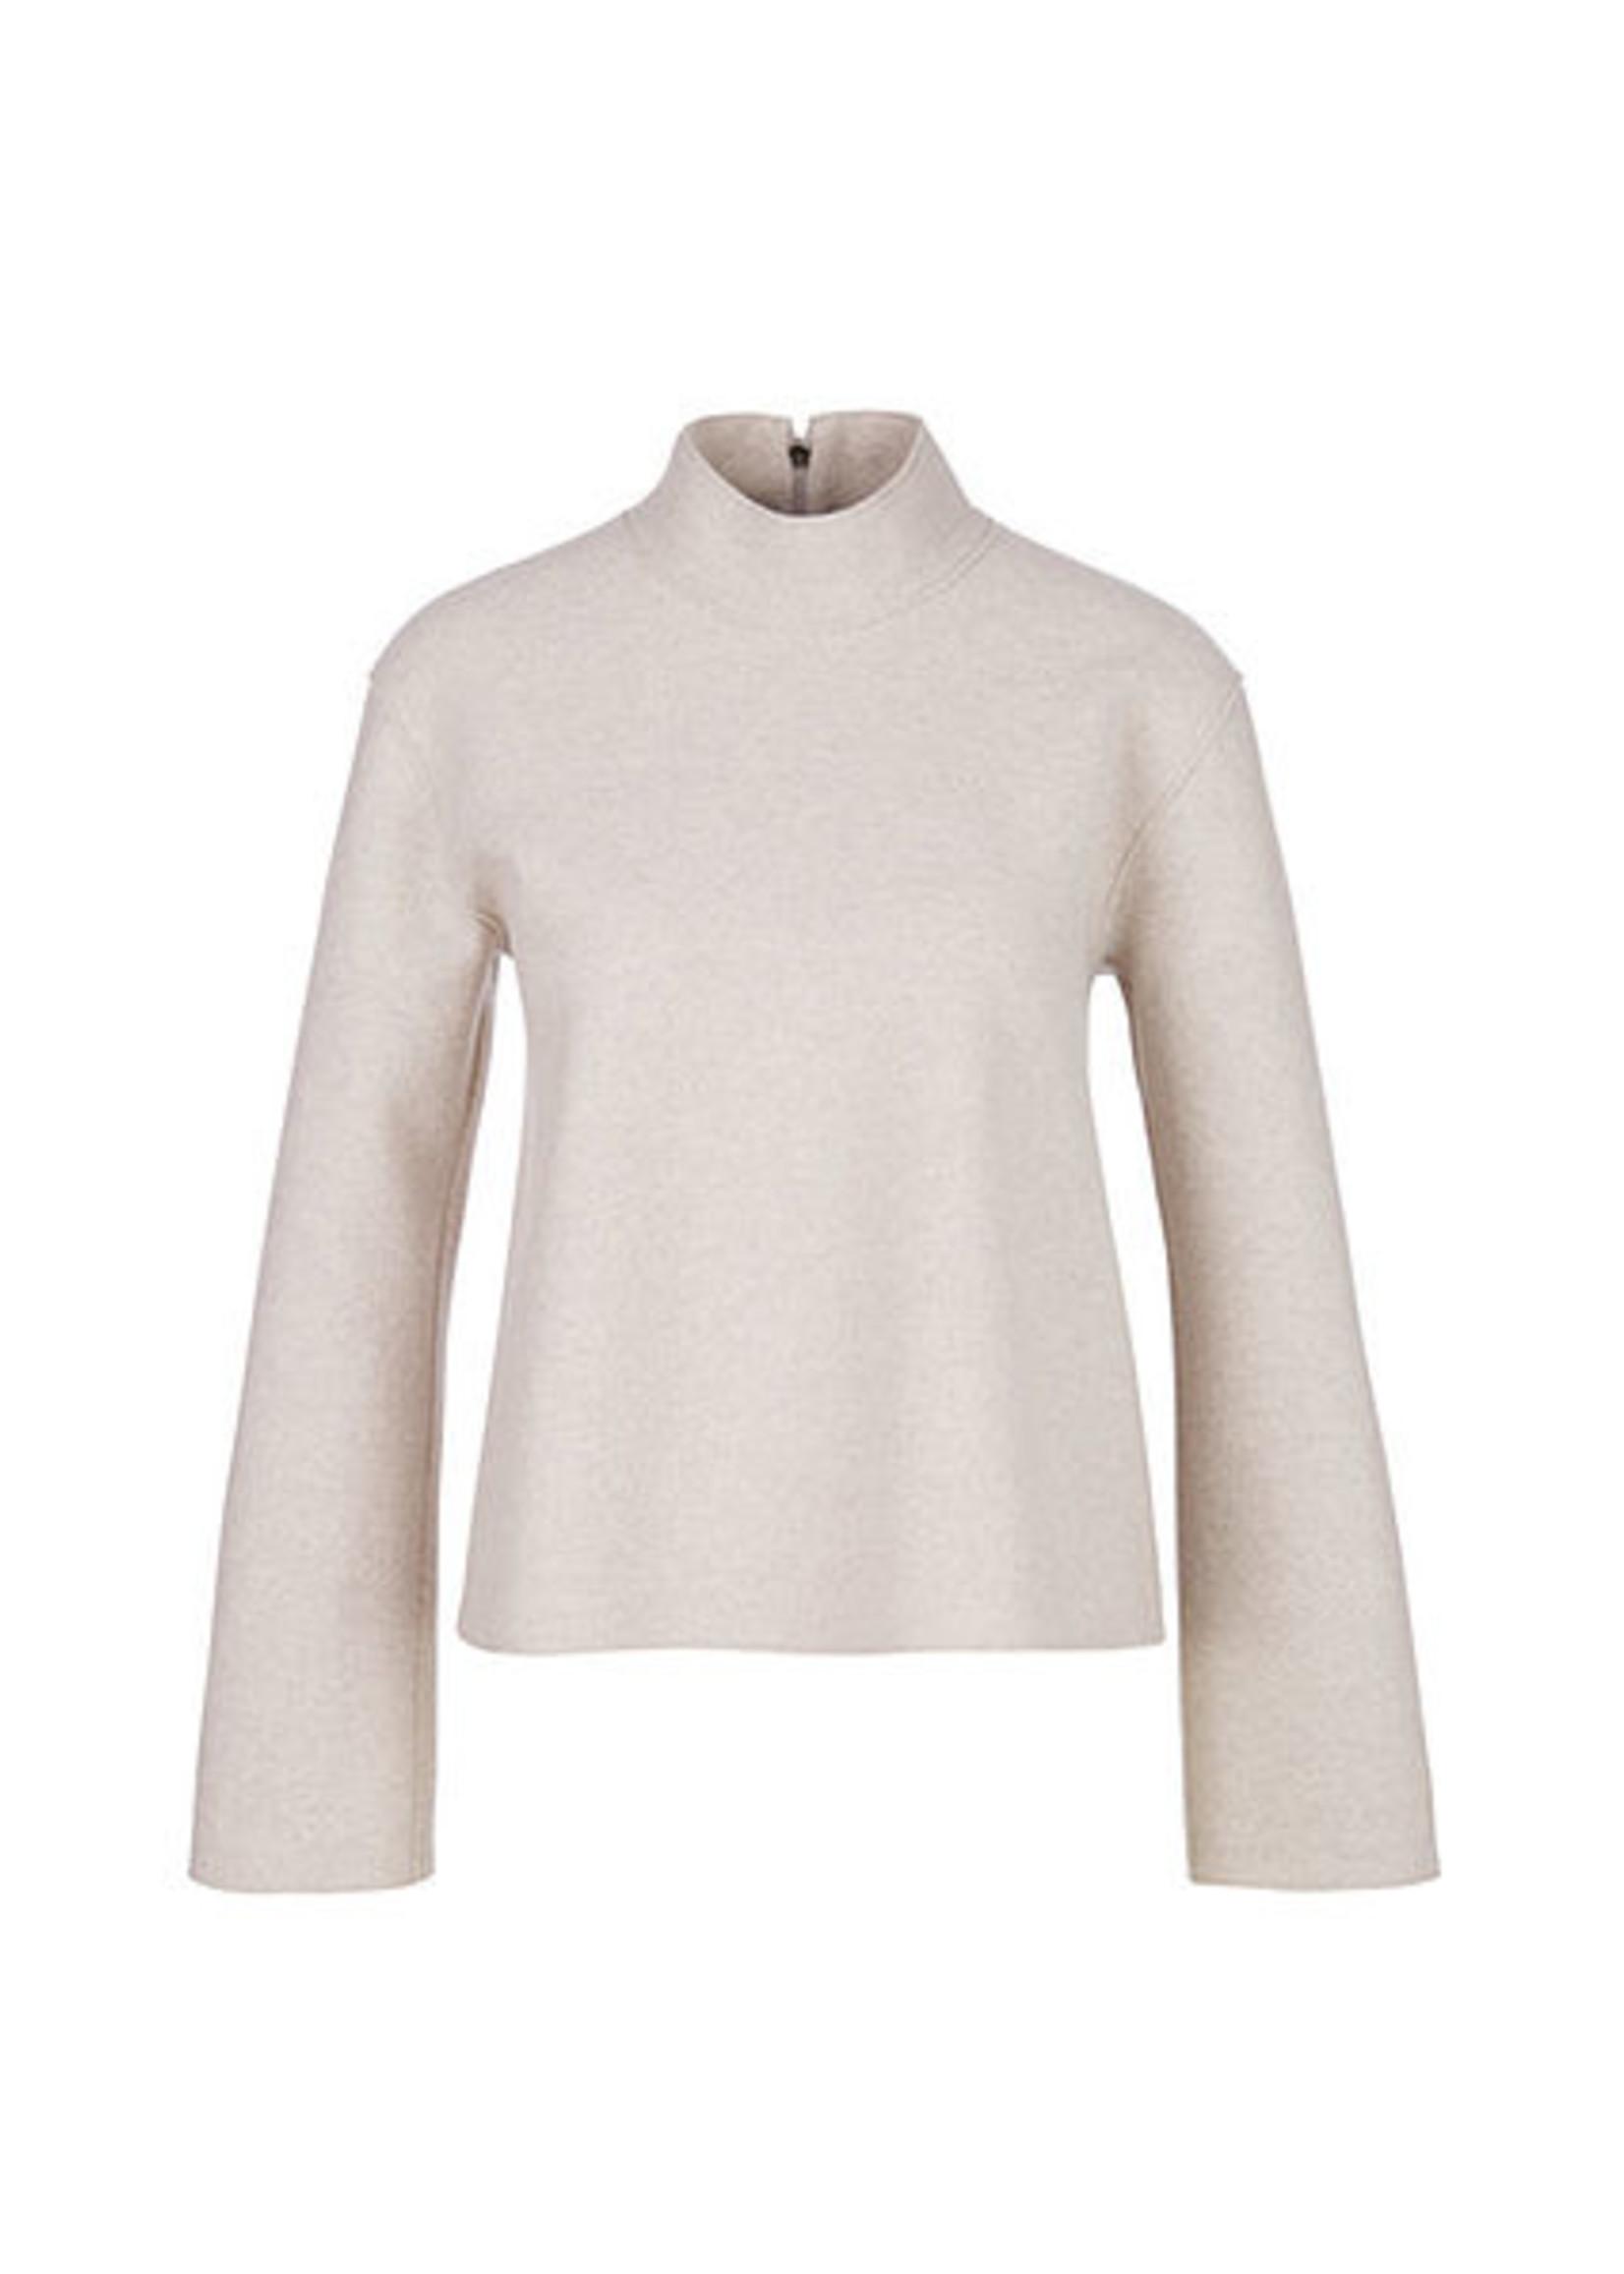 Sweatshirt RC 44.04 J30 bisque